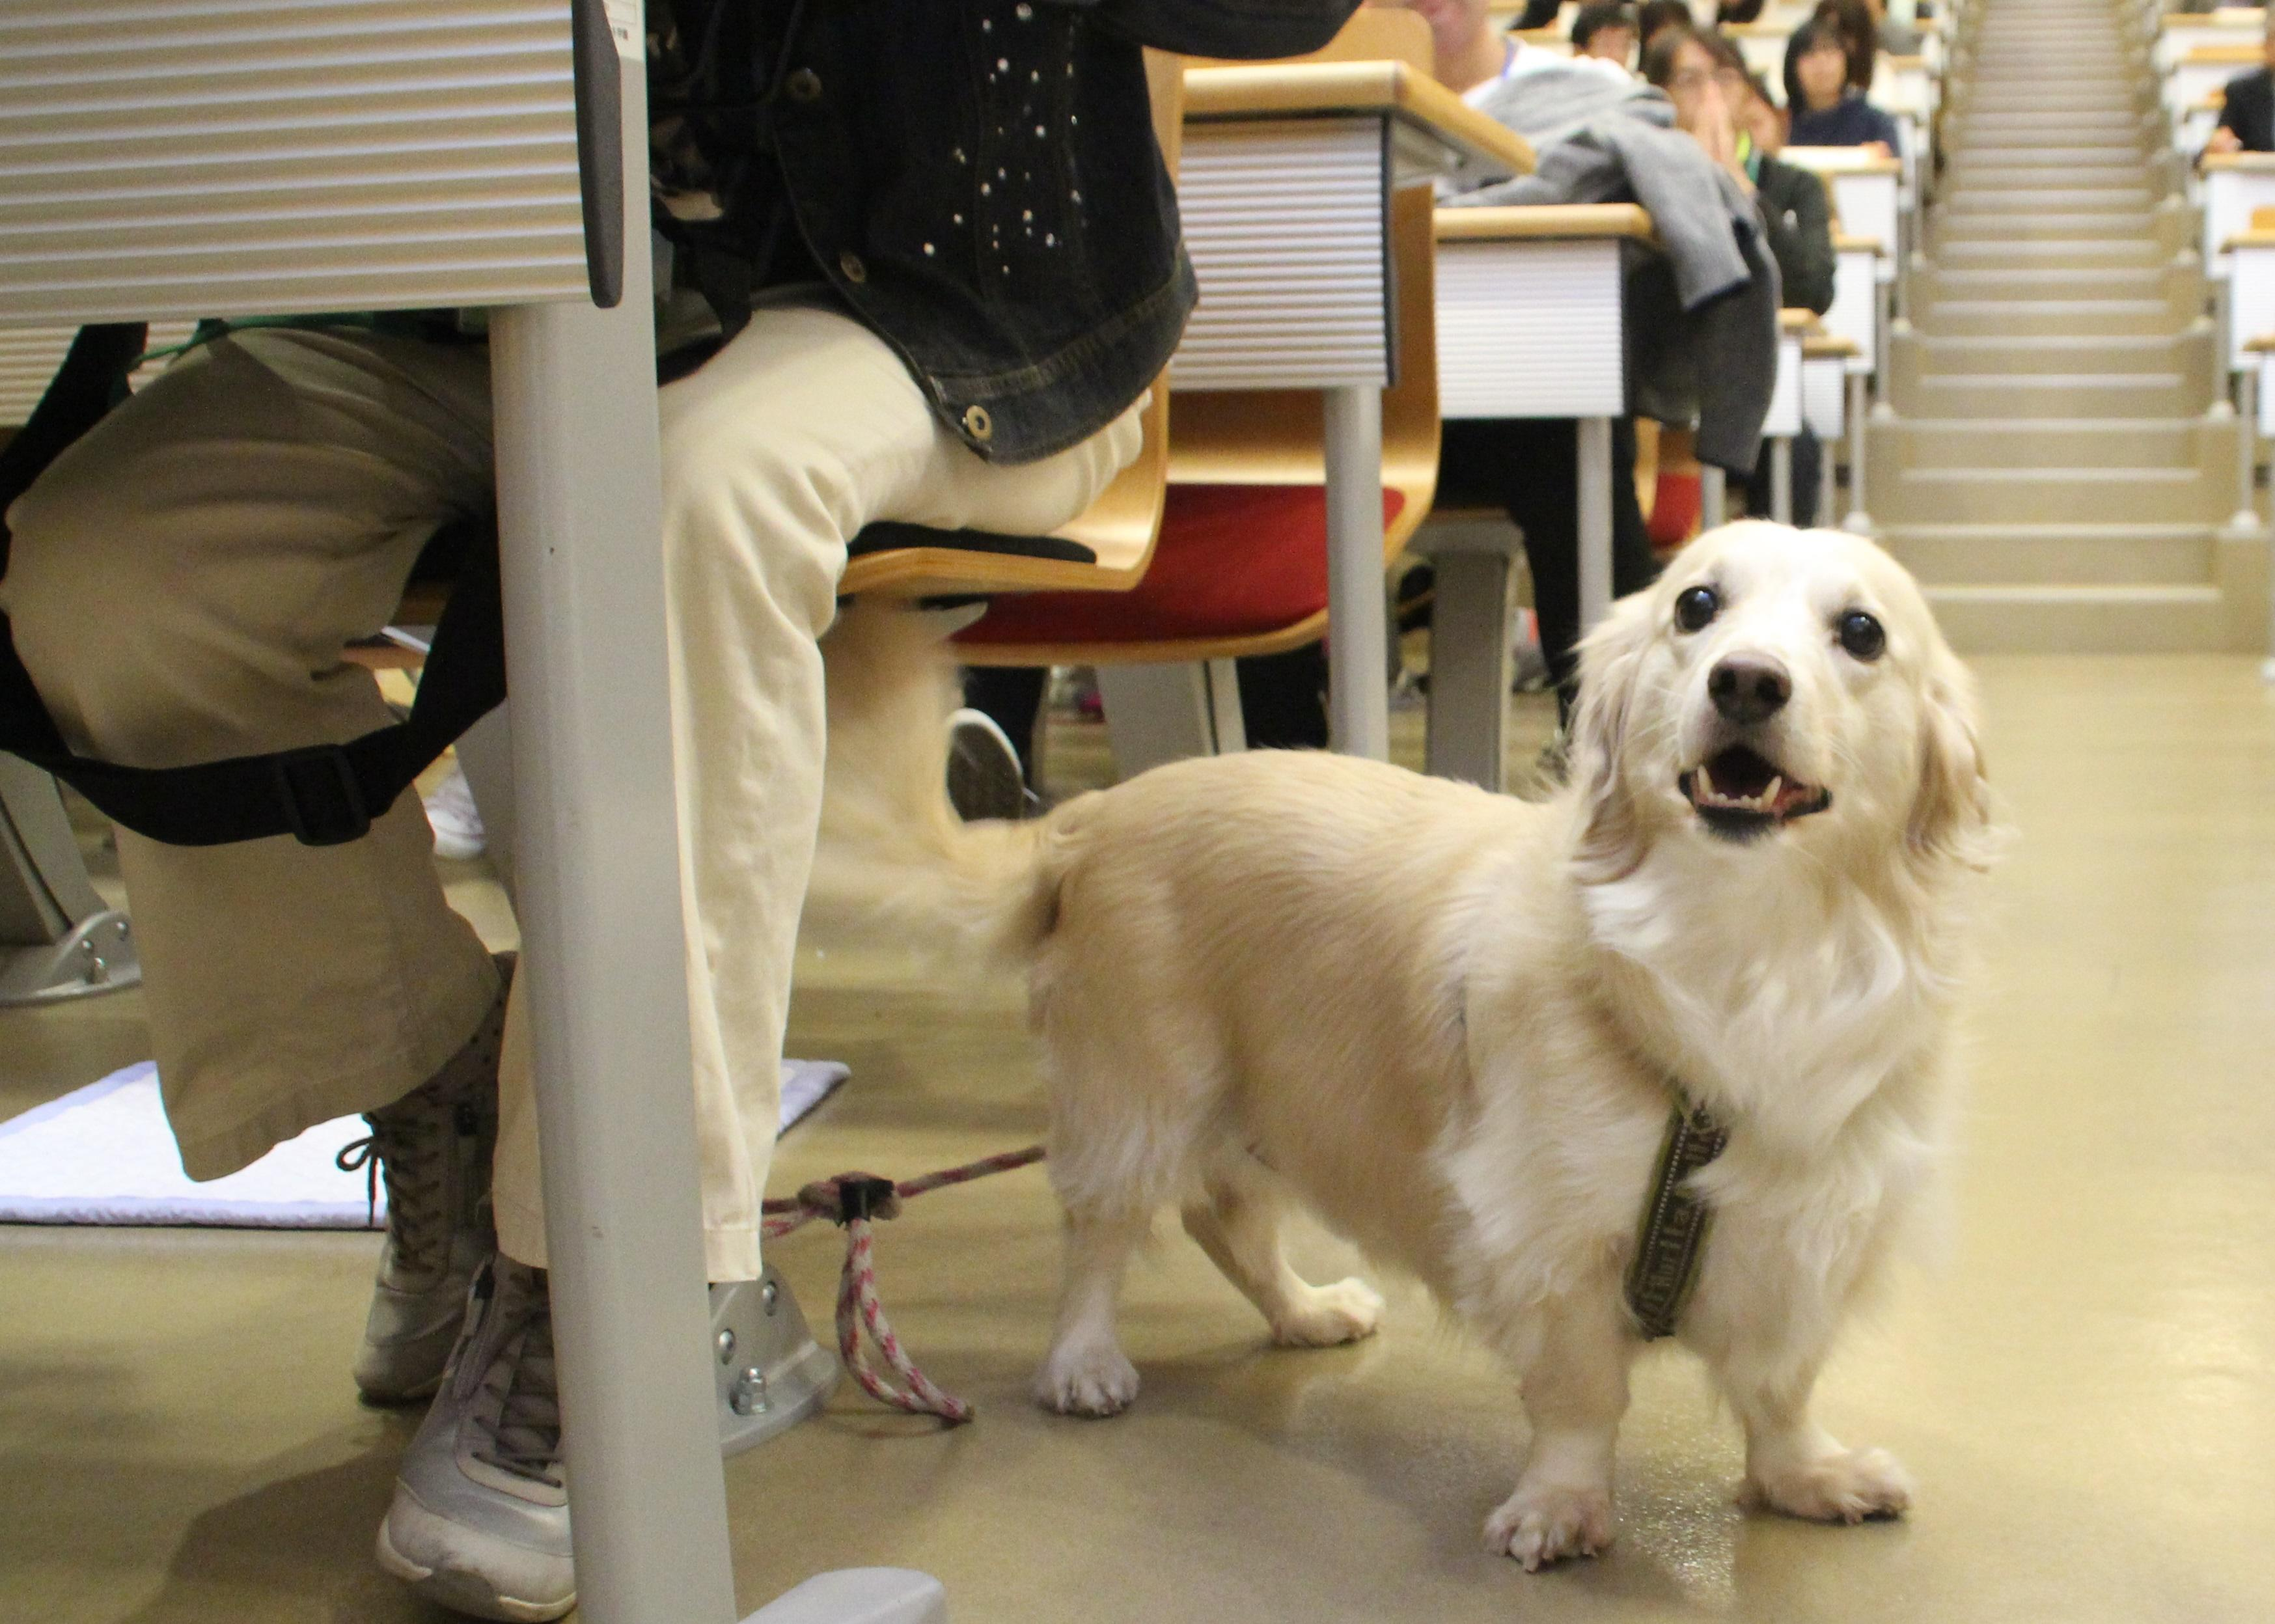 ~愛犬と一緒に参加して健康について学ぼう!~公開講座「ヒトがイヌと歩くということ」及びドッグ・ウォーキングフェスティバル開催